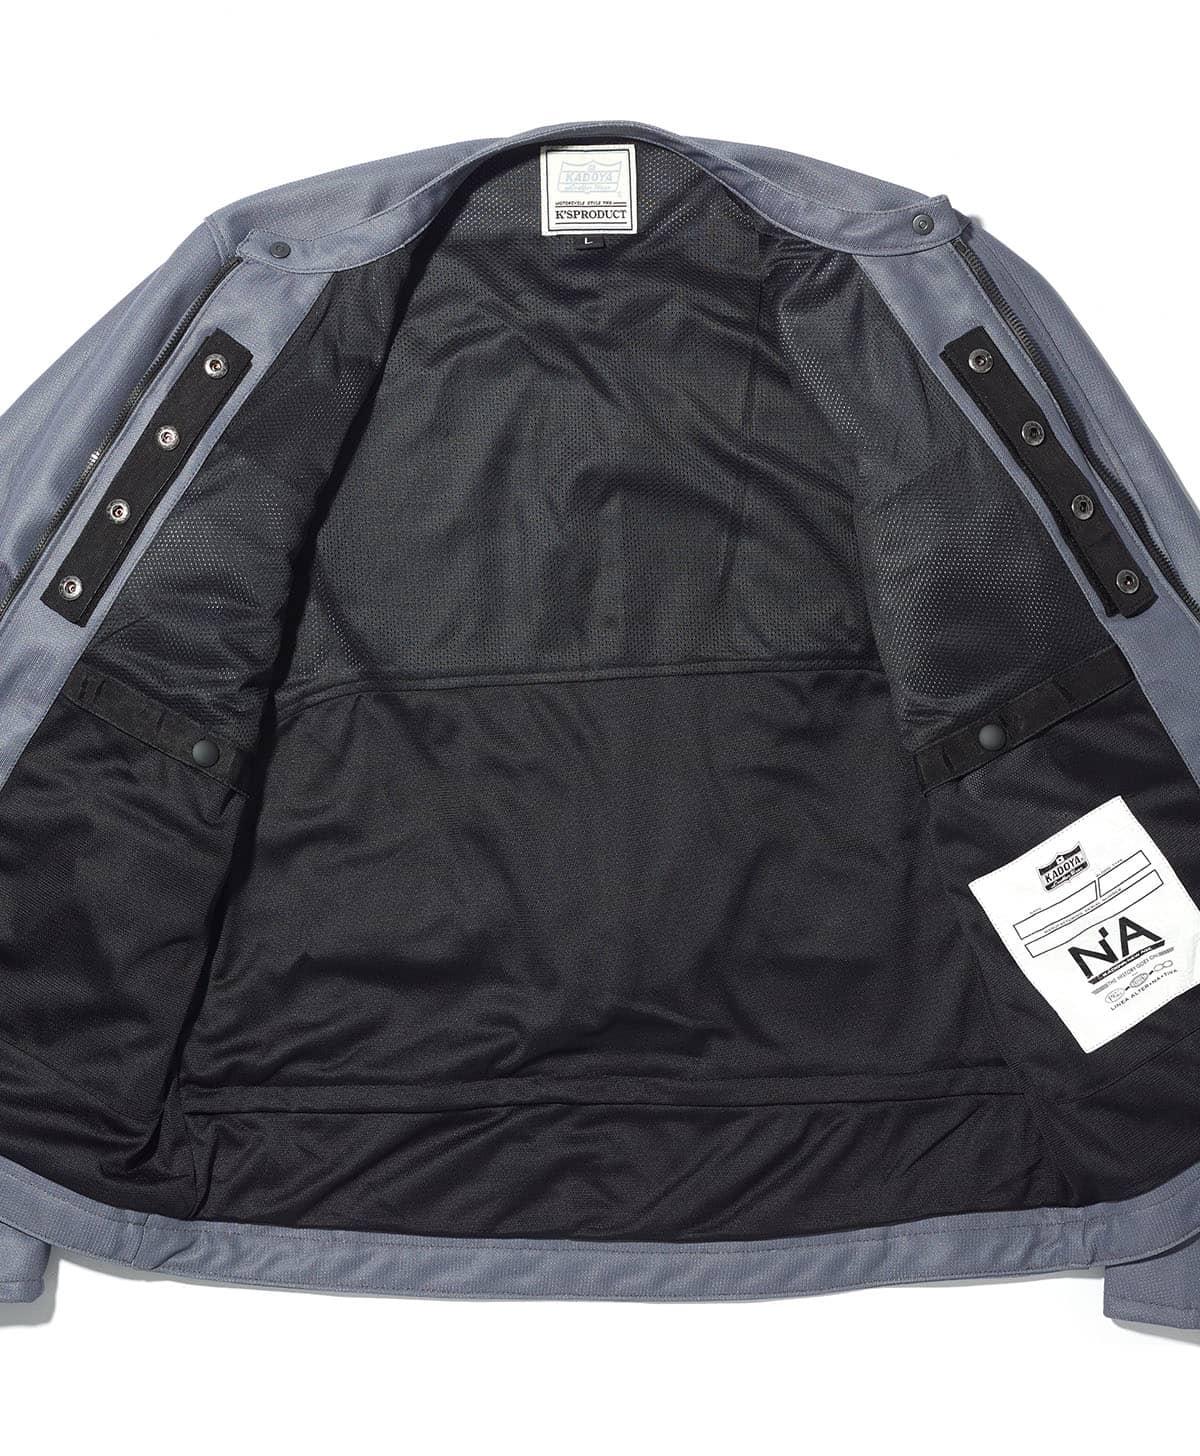 予約販売 カドヤ(KADOYA) K'S LEATHER & K'S PRODUCT ACRO アクロ  メッシュジャケット グレー